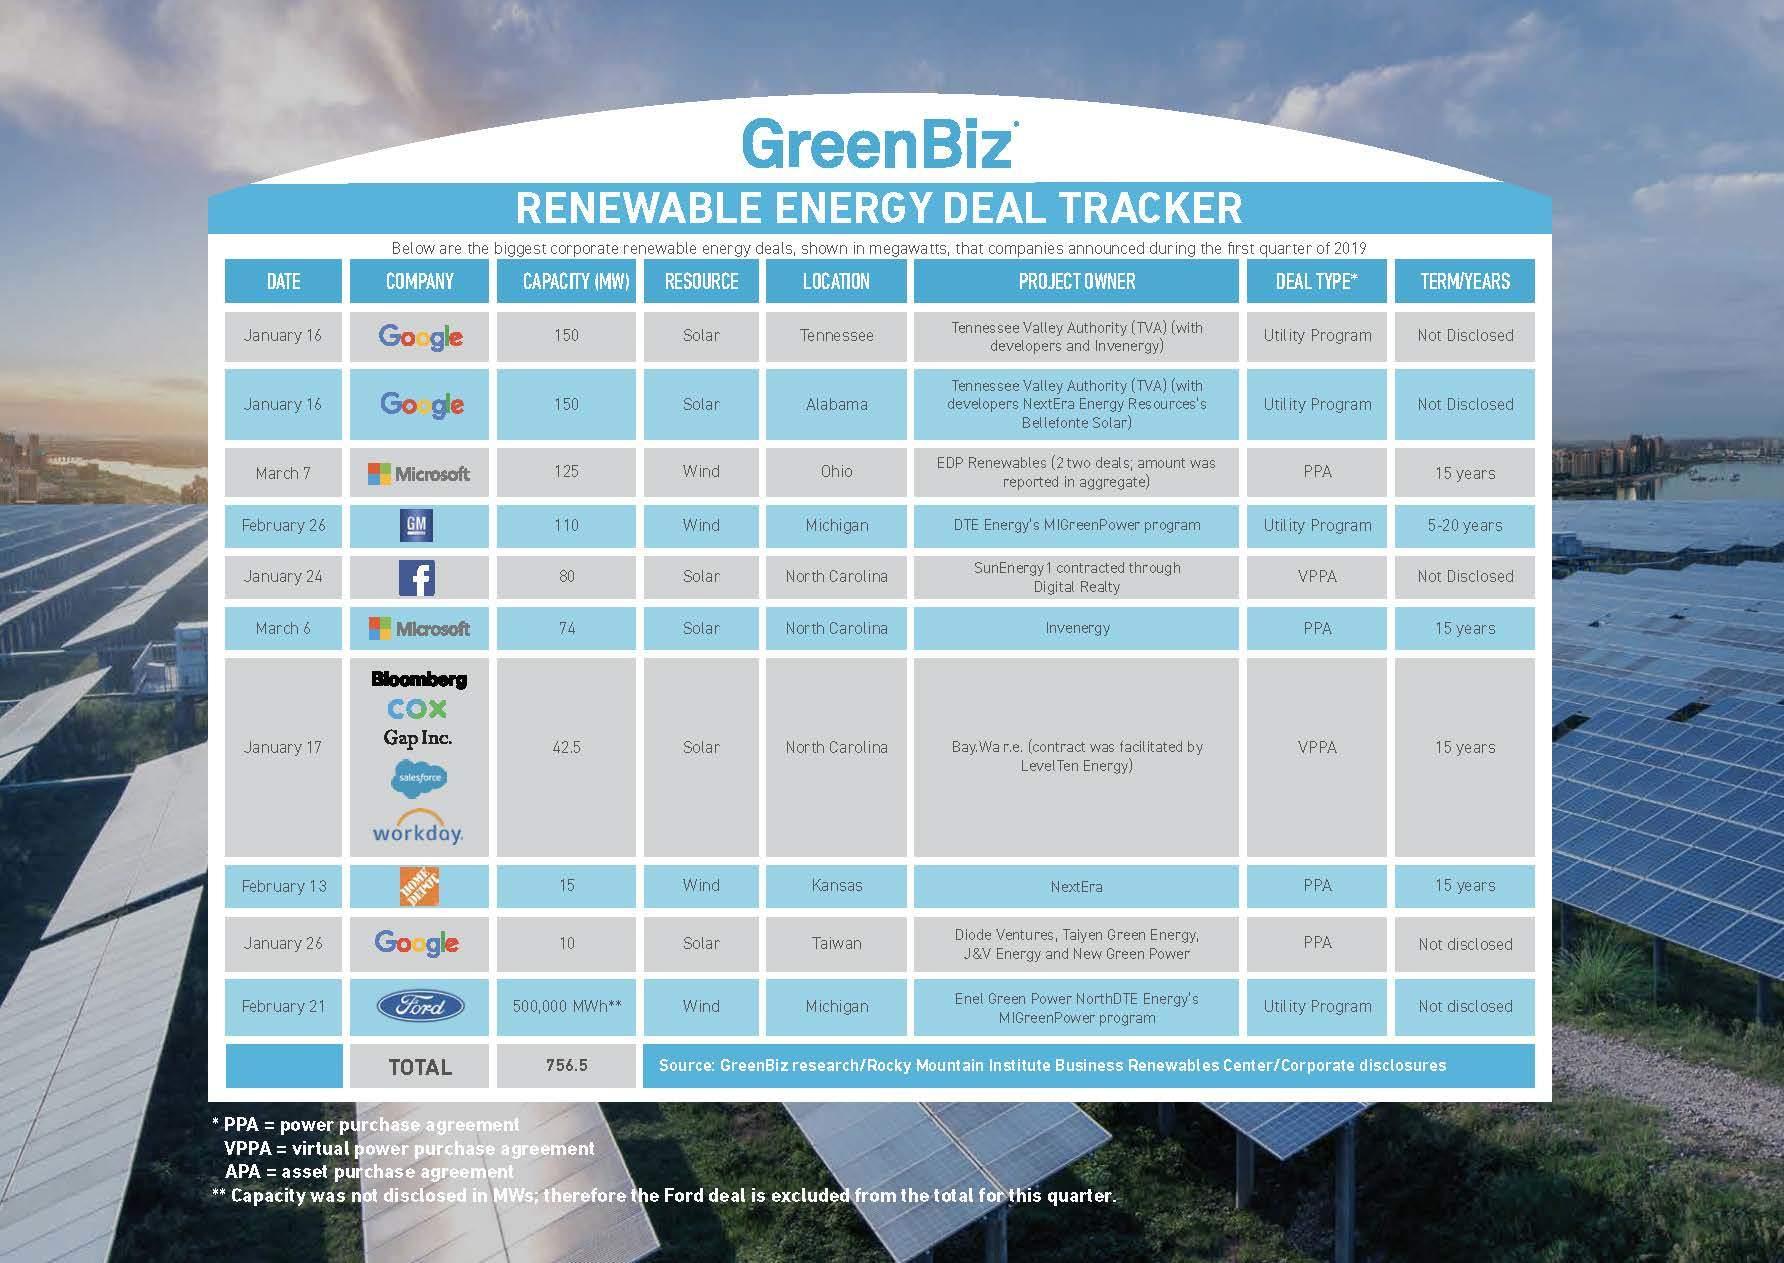 Chart of renewable energy deals